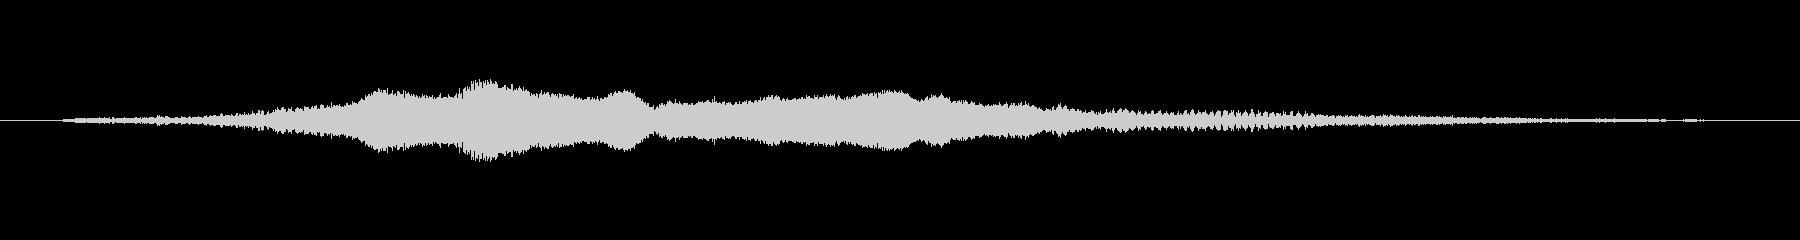 ワープ 建物の短い移動01の未再生の波形